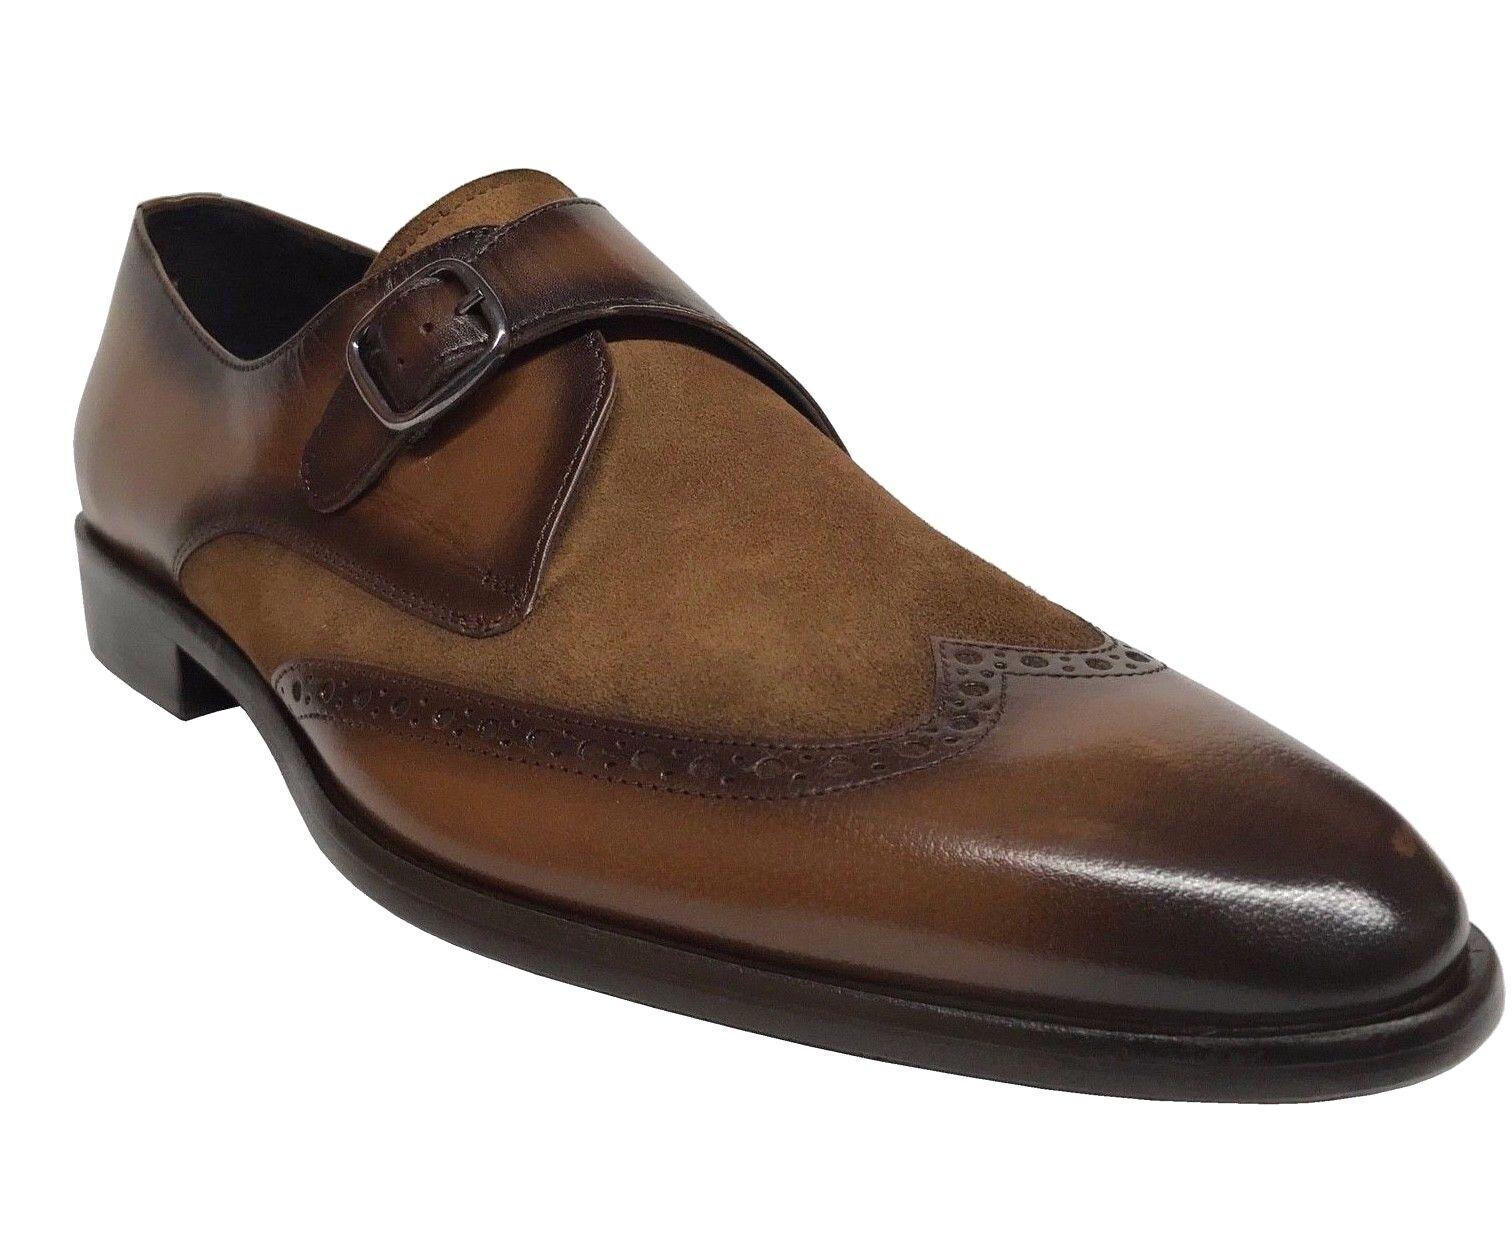 Sito ufficiale Corrente Corrente Corrente Uomo Wing Tip Leather Suede Monk Strap Dress scarpe Tobacco 5072  fantastica qualità